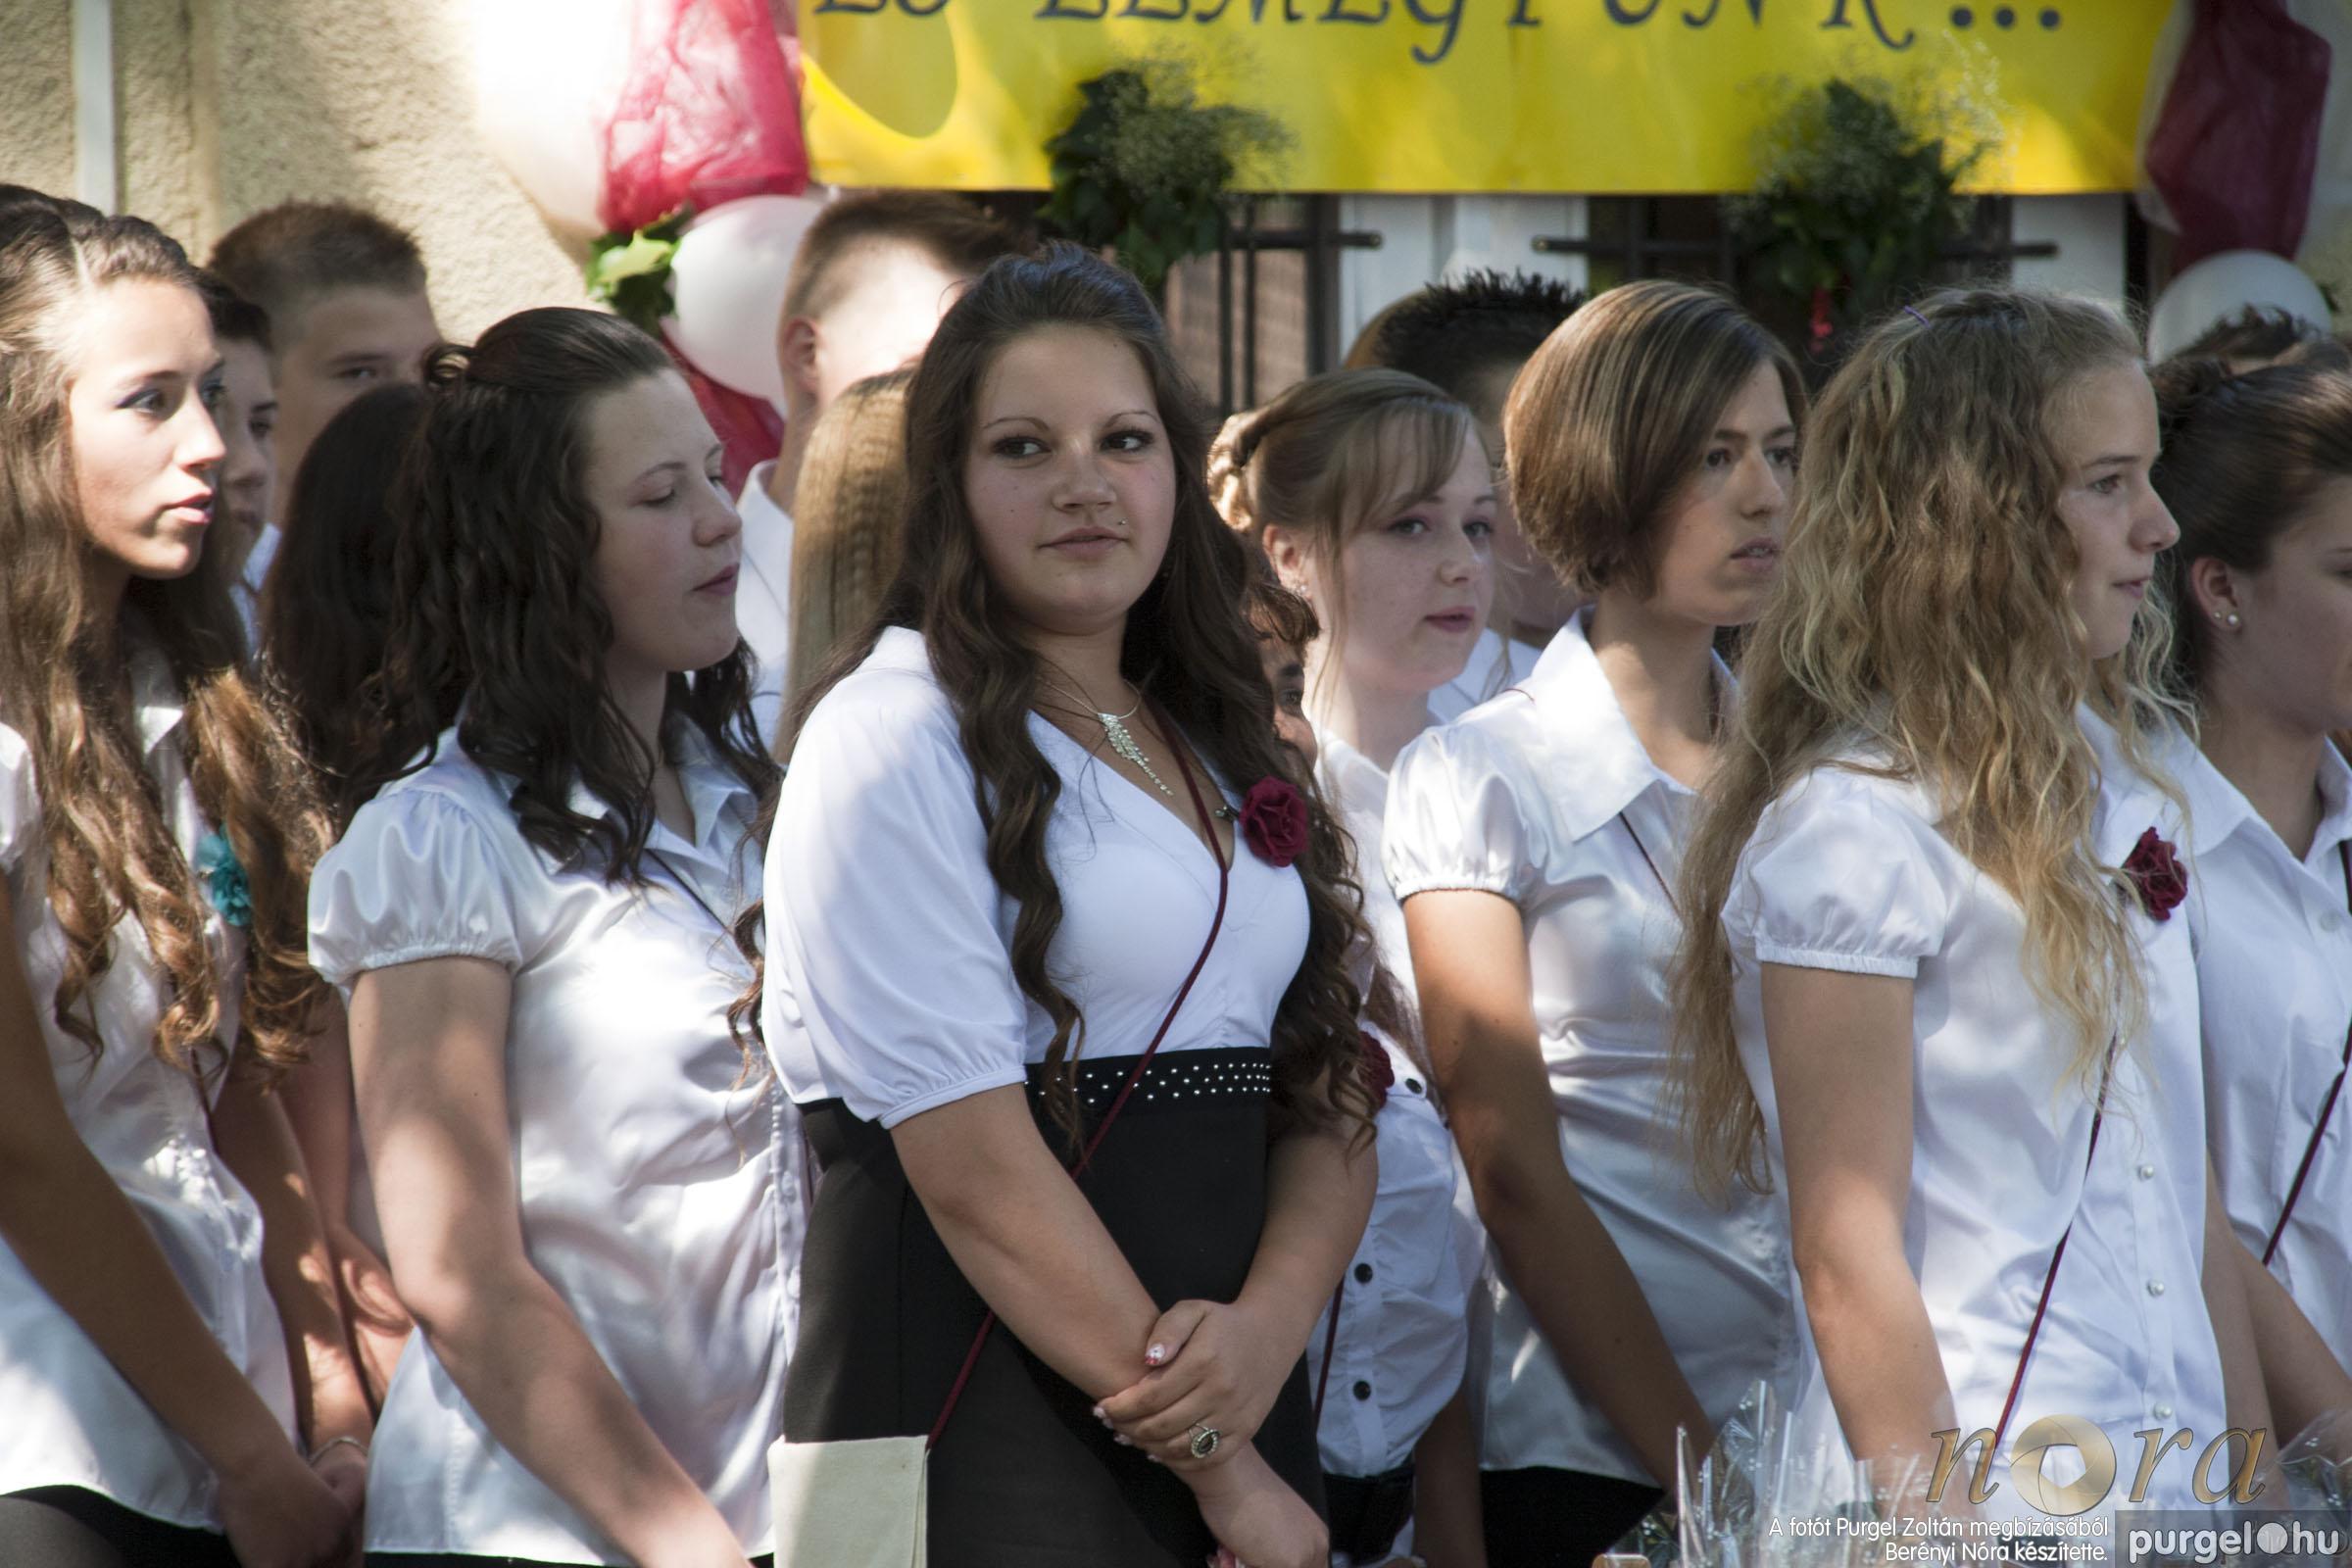 2013.06.15. 214 Forray Máté Általános Iskola ballagás 2013. - Fotó:BERÉNYI NÓRA© _MG_1255.JPG